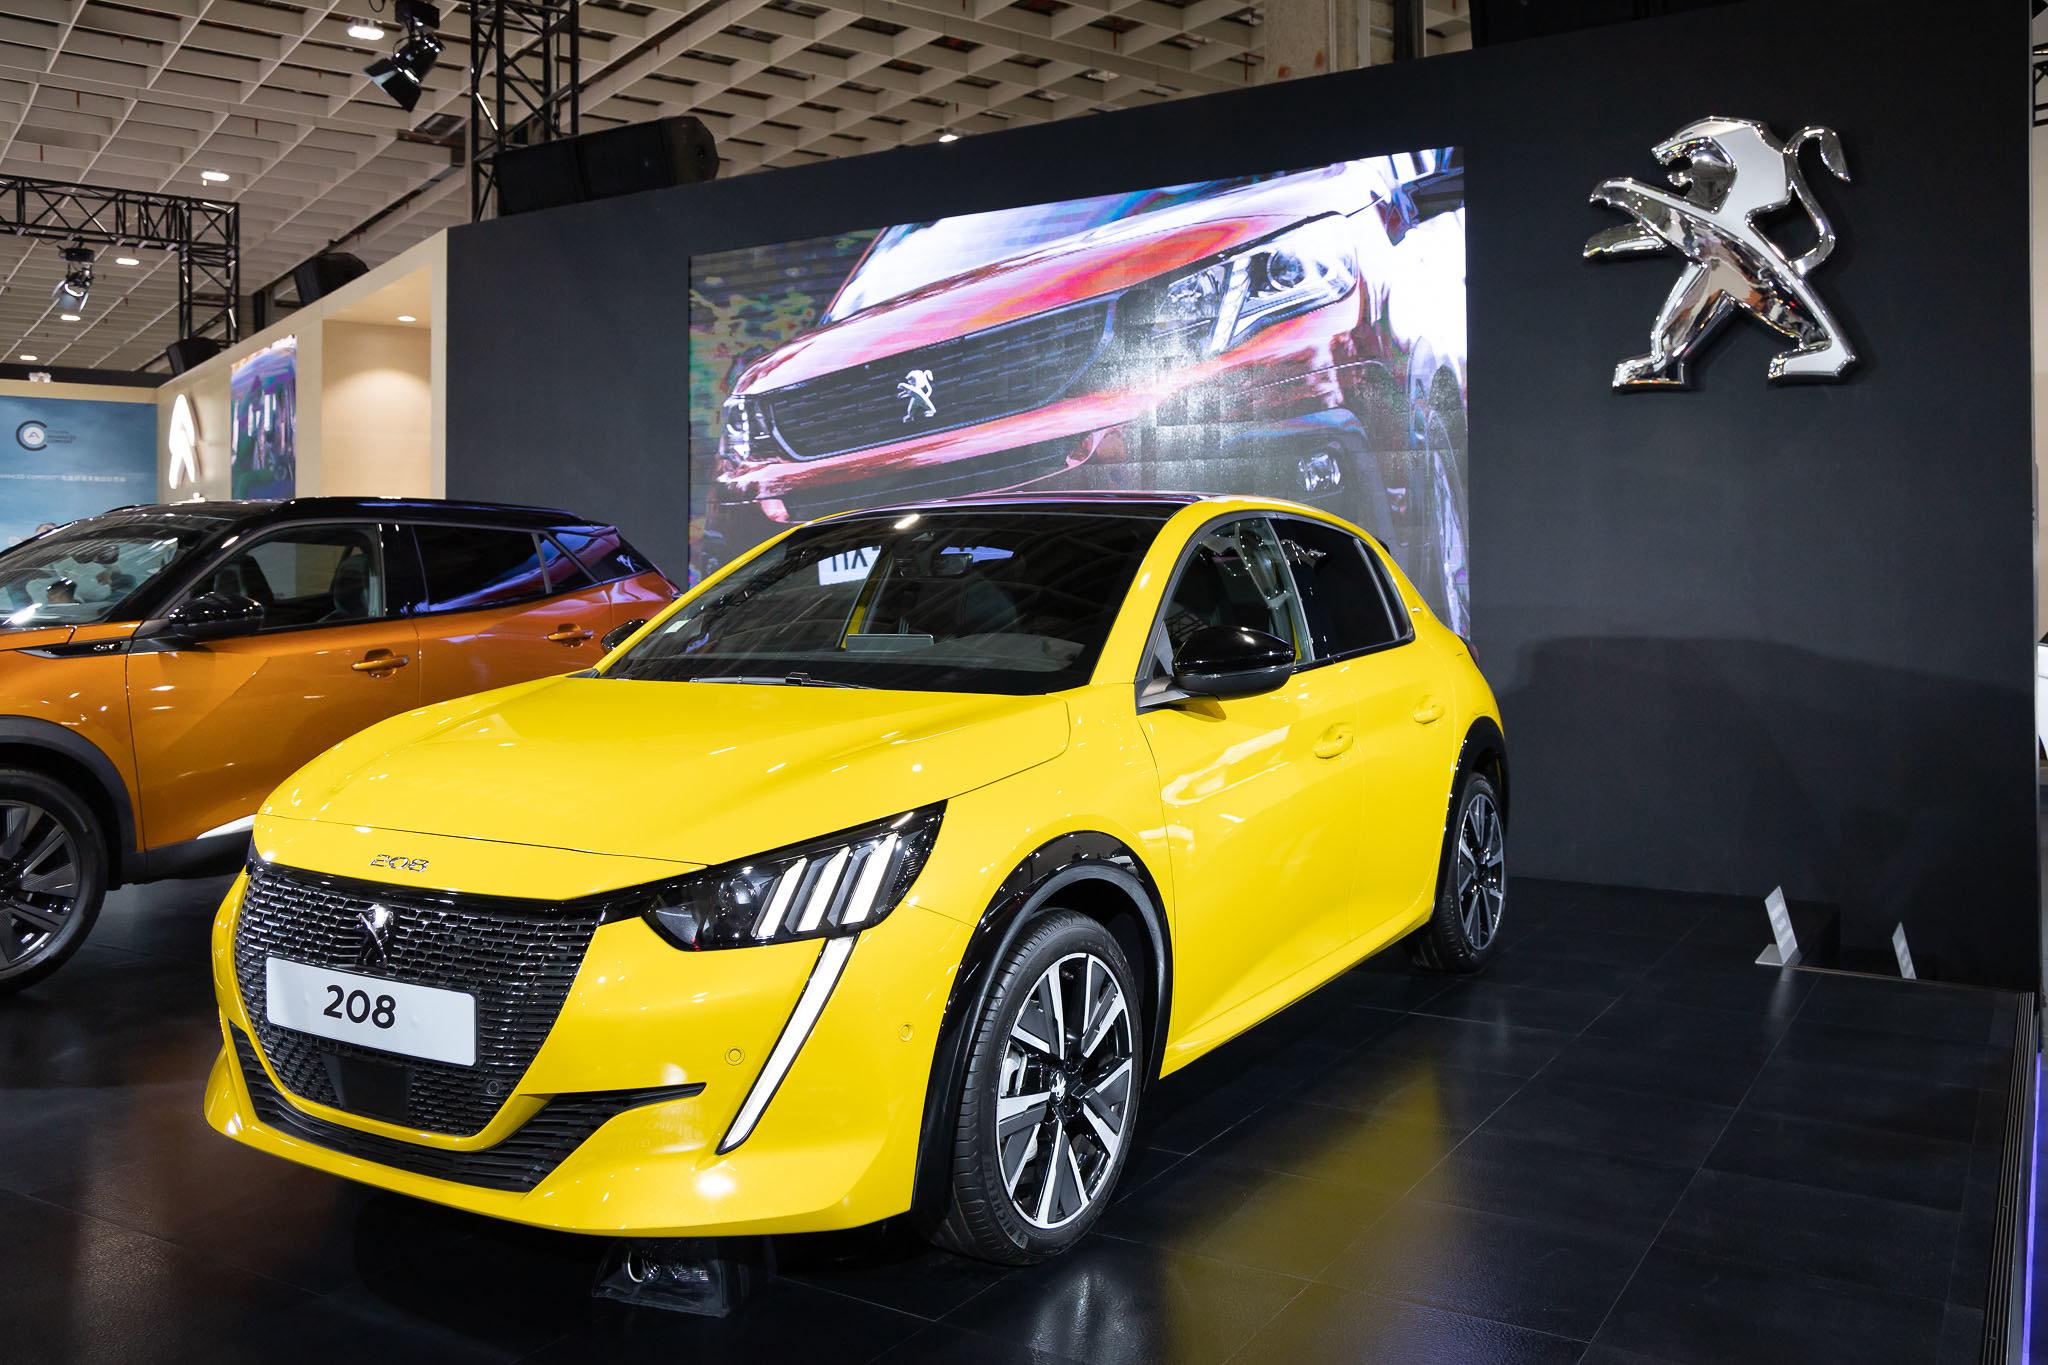 汽車 Cars - 台北 2020 Taipei 2020 #0006